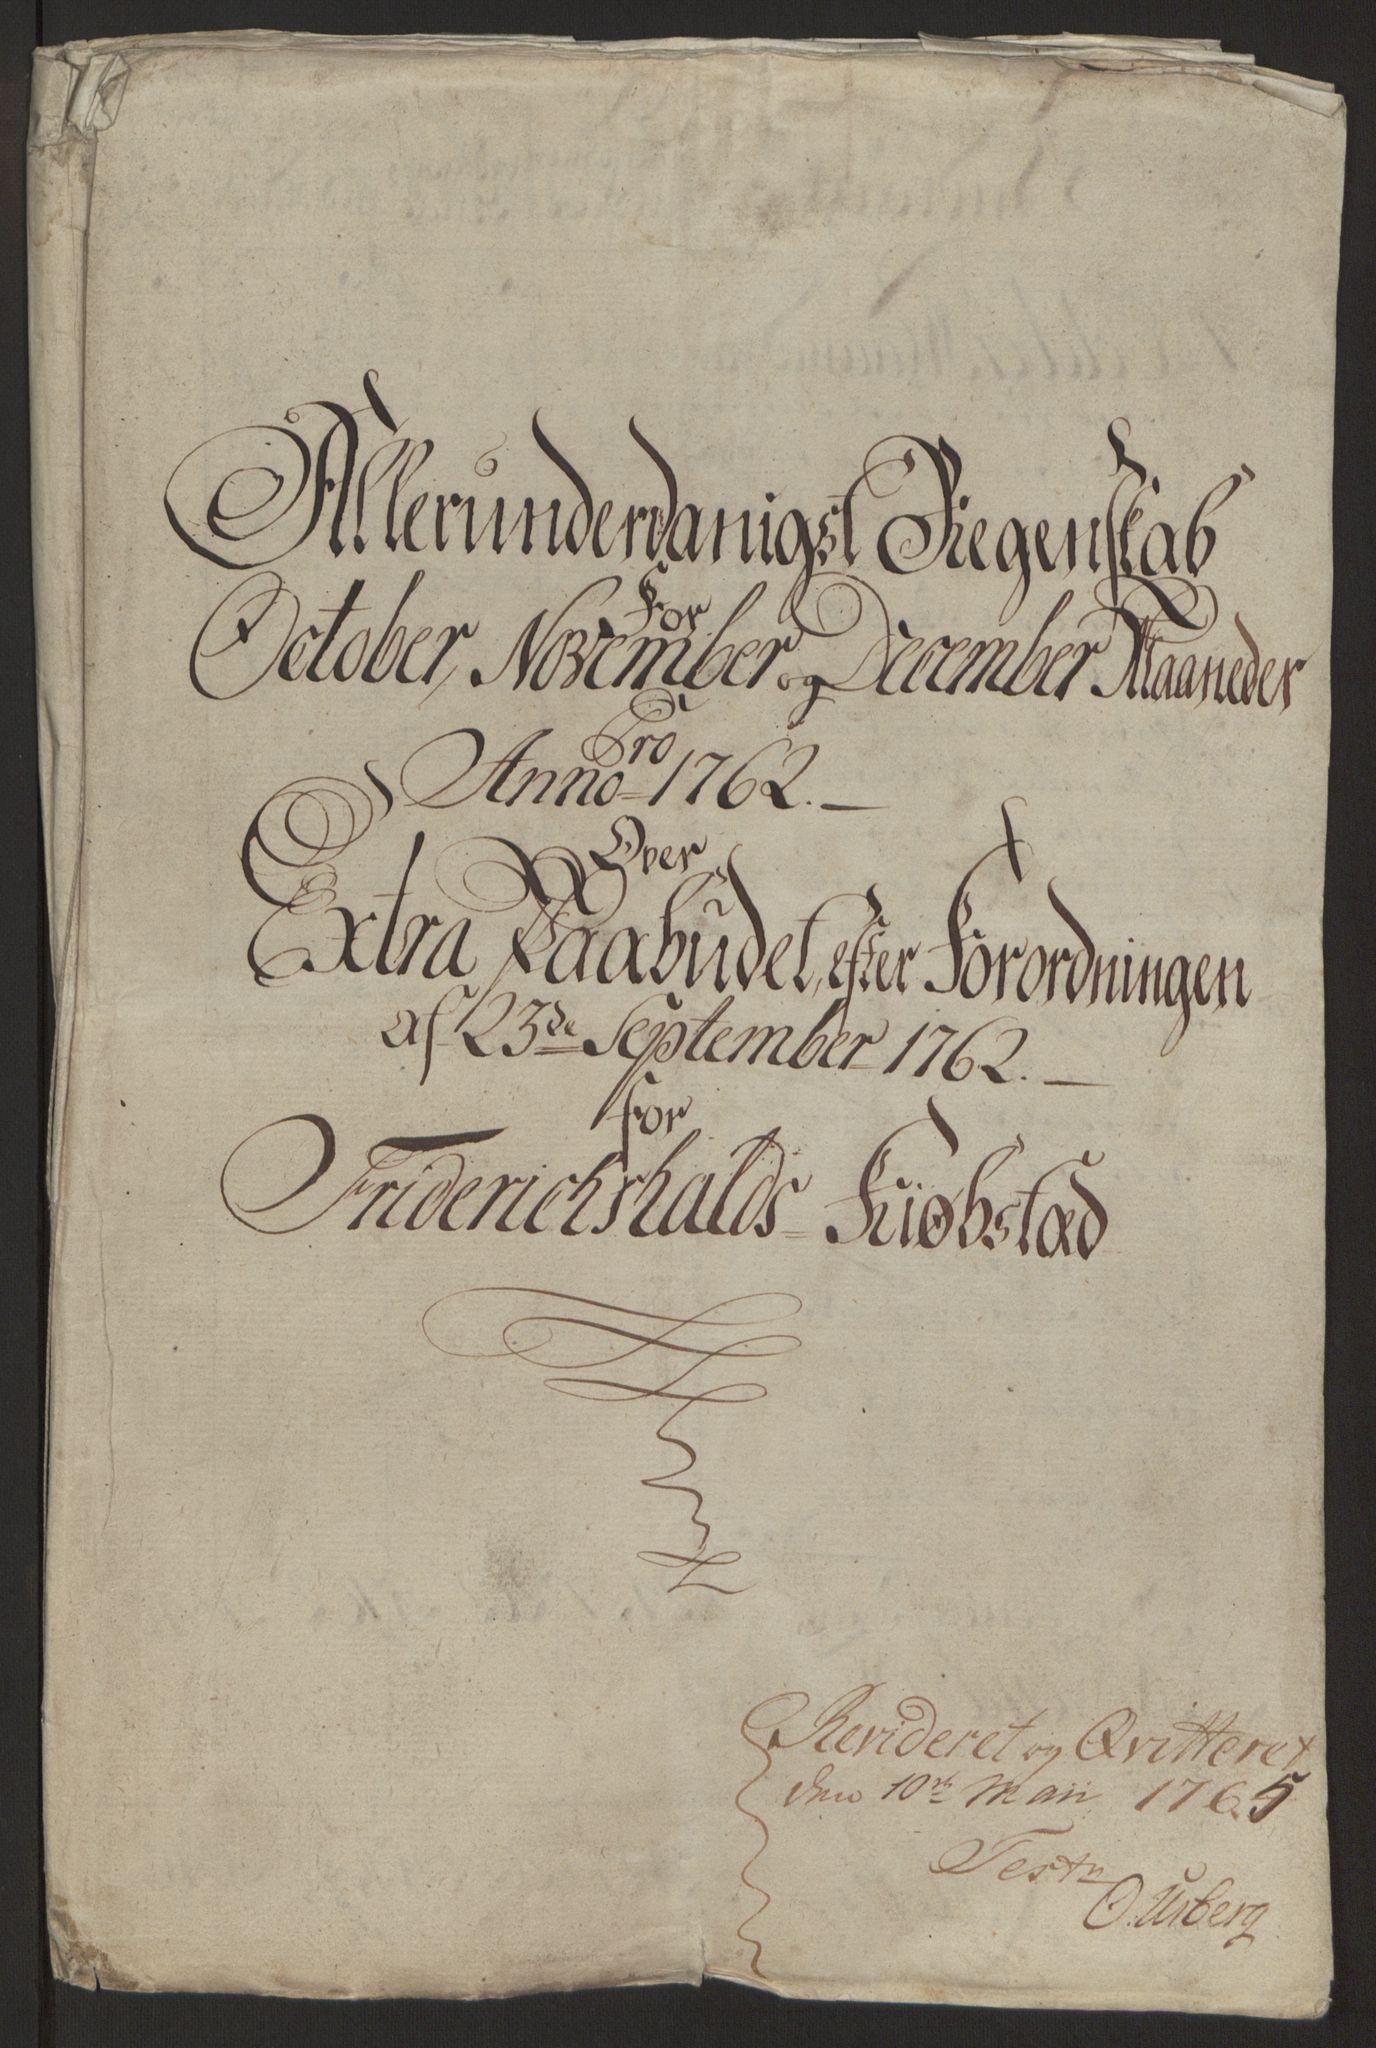 RA, Rentekammeret inntil 1814, Reviderte regnskaper, Byregnskaper, R/Ra/L0006: [A4] Kontribusjonsregnskap, 1762-1772, s. 4